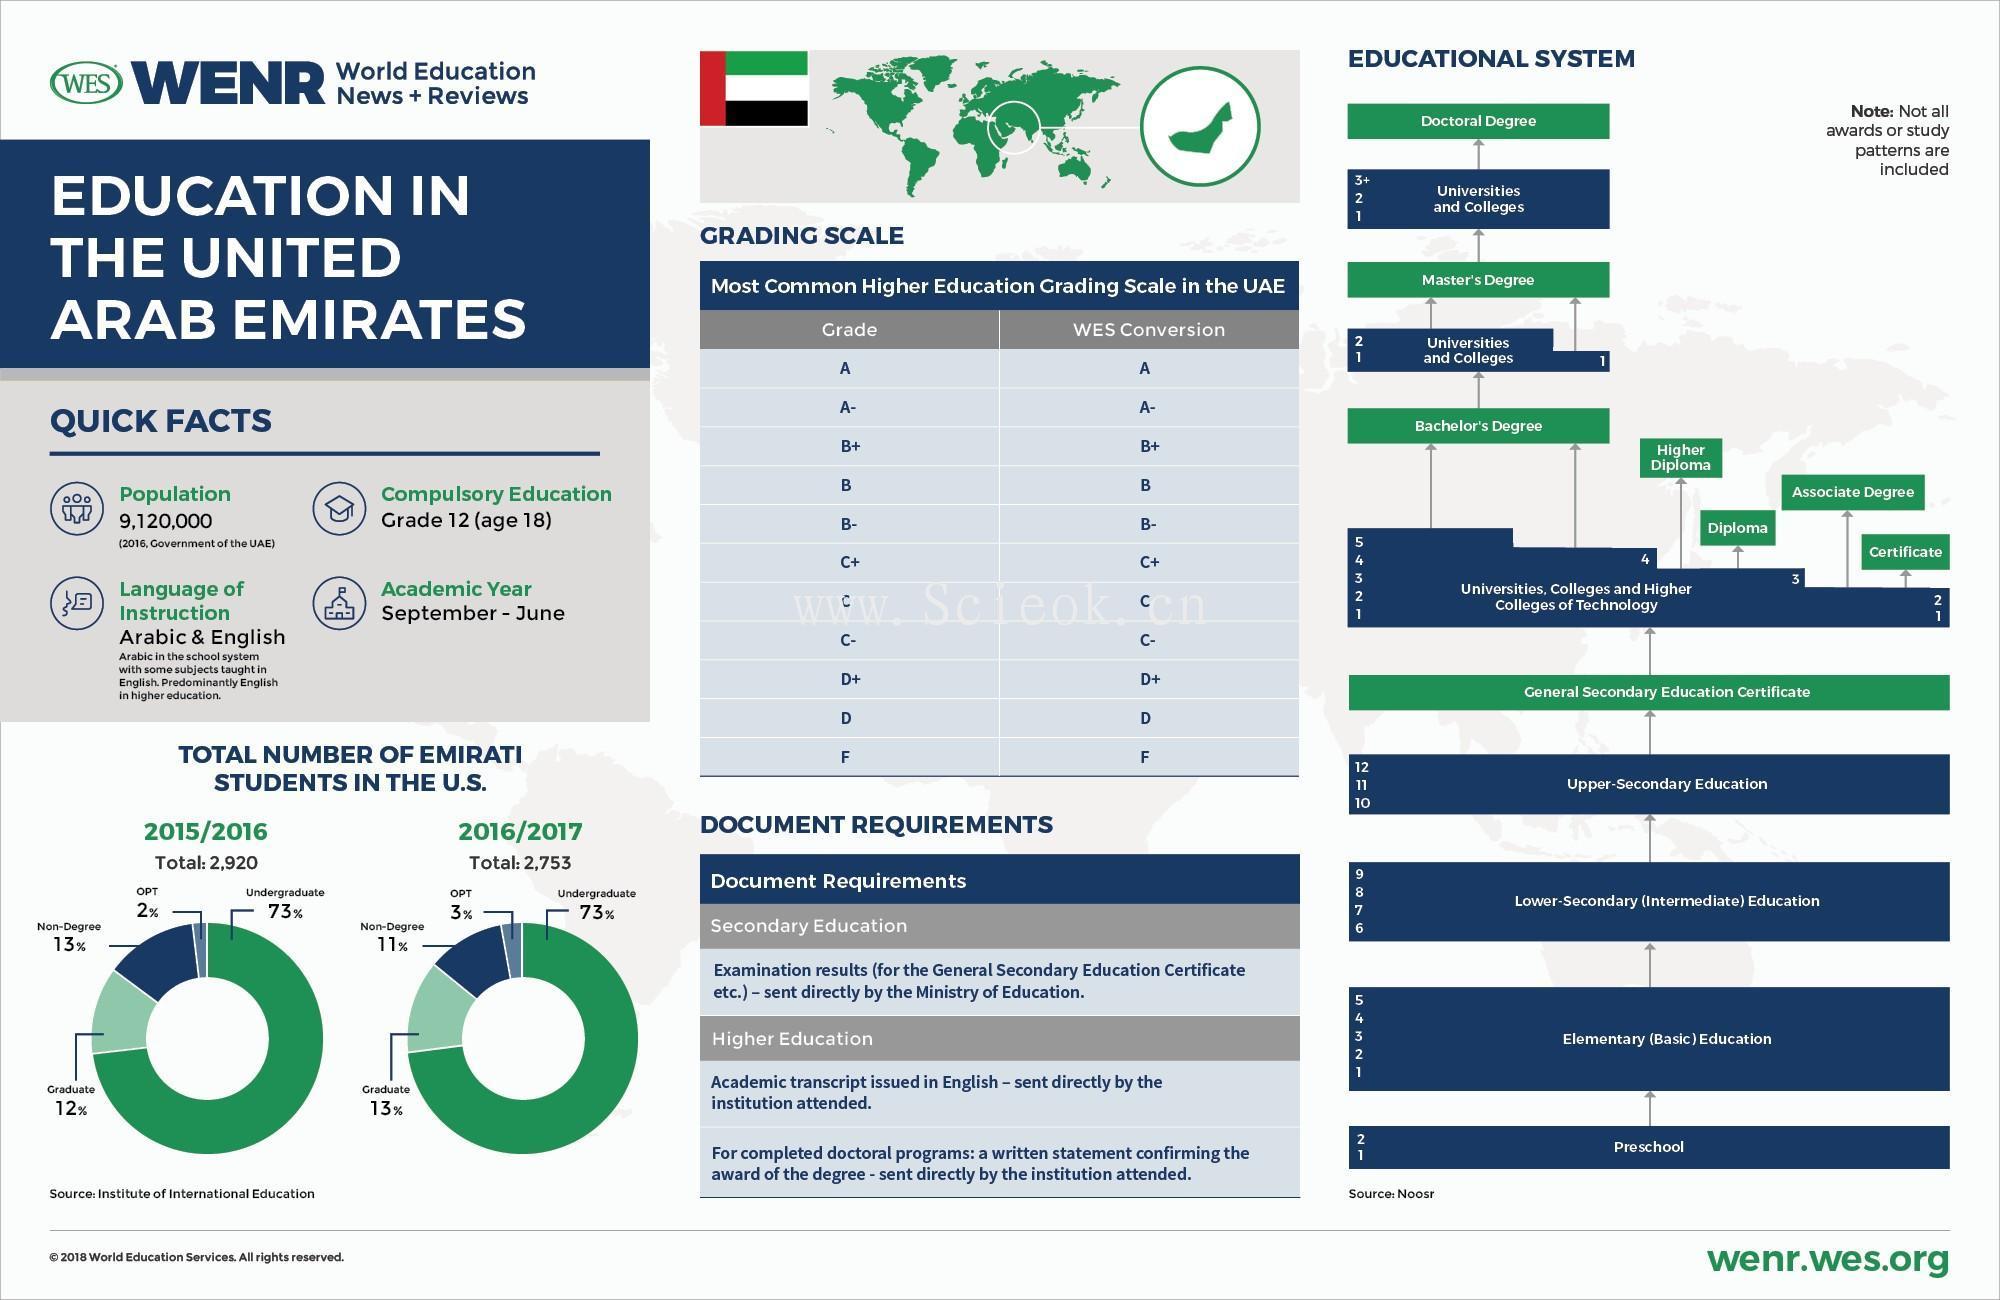 一组教育发达国家的教育体制与数据统计 (中美英德澳加荷韩阿联酋)  数据 第8张